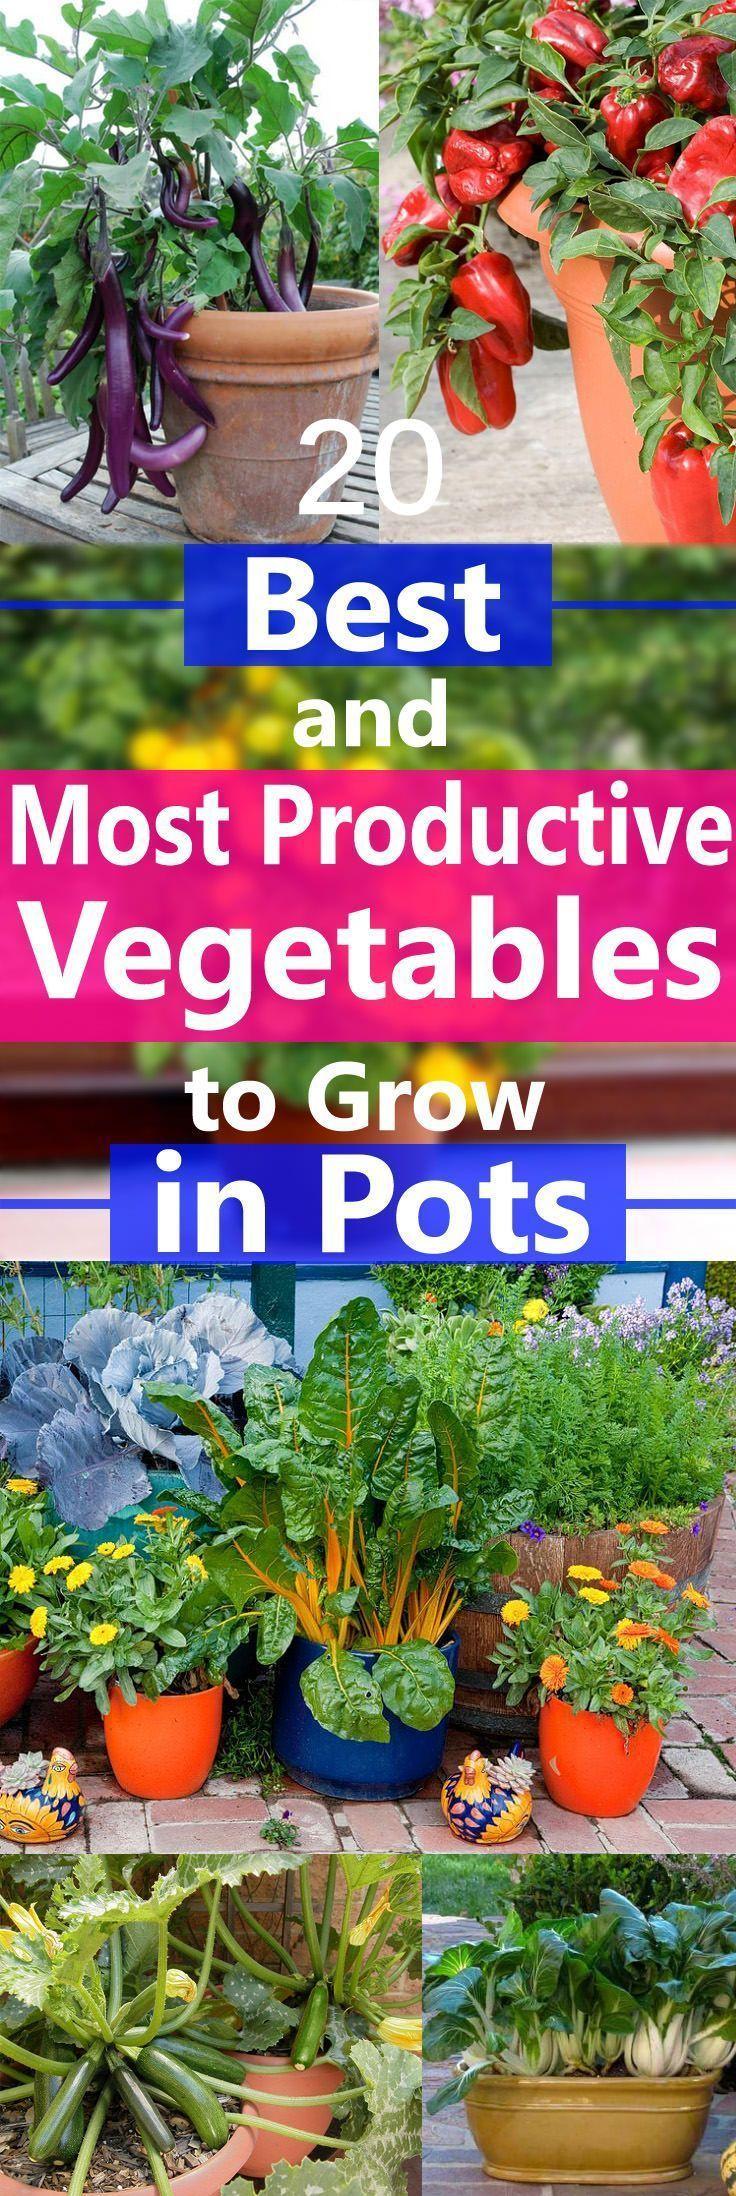 Urban gardening planters - Best Most Productive Vegetables To Grow In Pots Urban Gardeningvegetable Gardeninggardening Tipscontainer